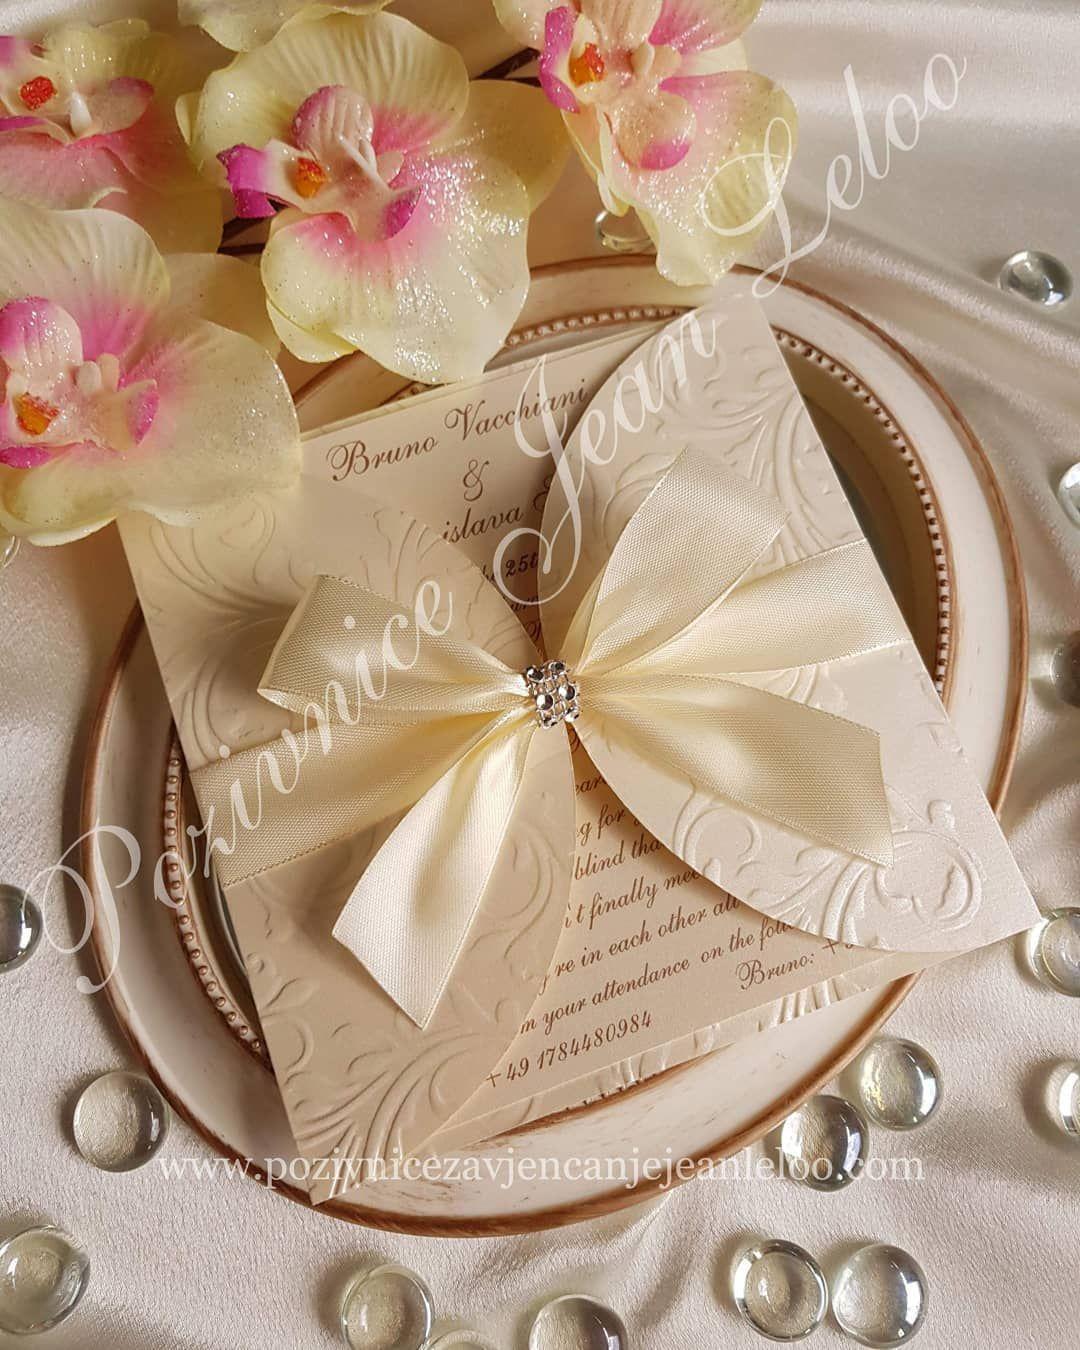 So Elegante Hochzeitseinladung Was Denkst Sie Hochzeit Hochzeiten Hochzeitsideen Einladunghochzeit Einladung Einladung Boxes And Bows Wedding Bows